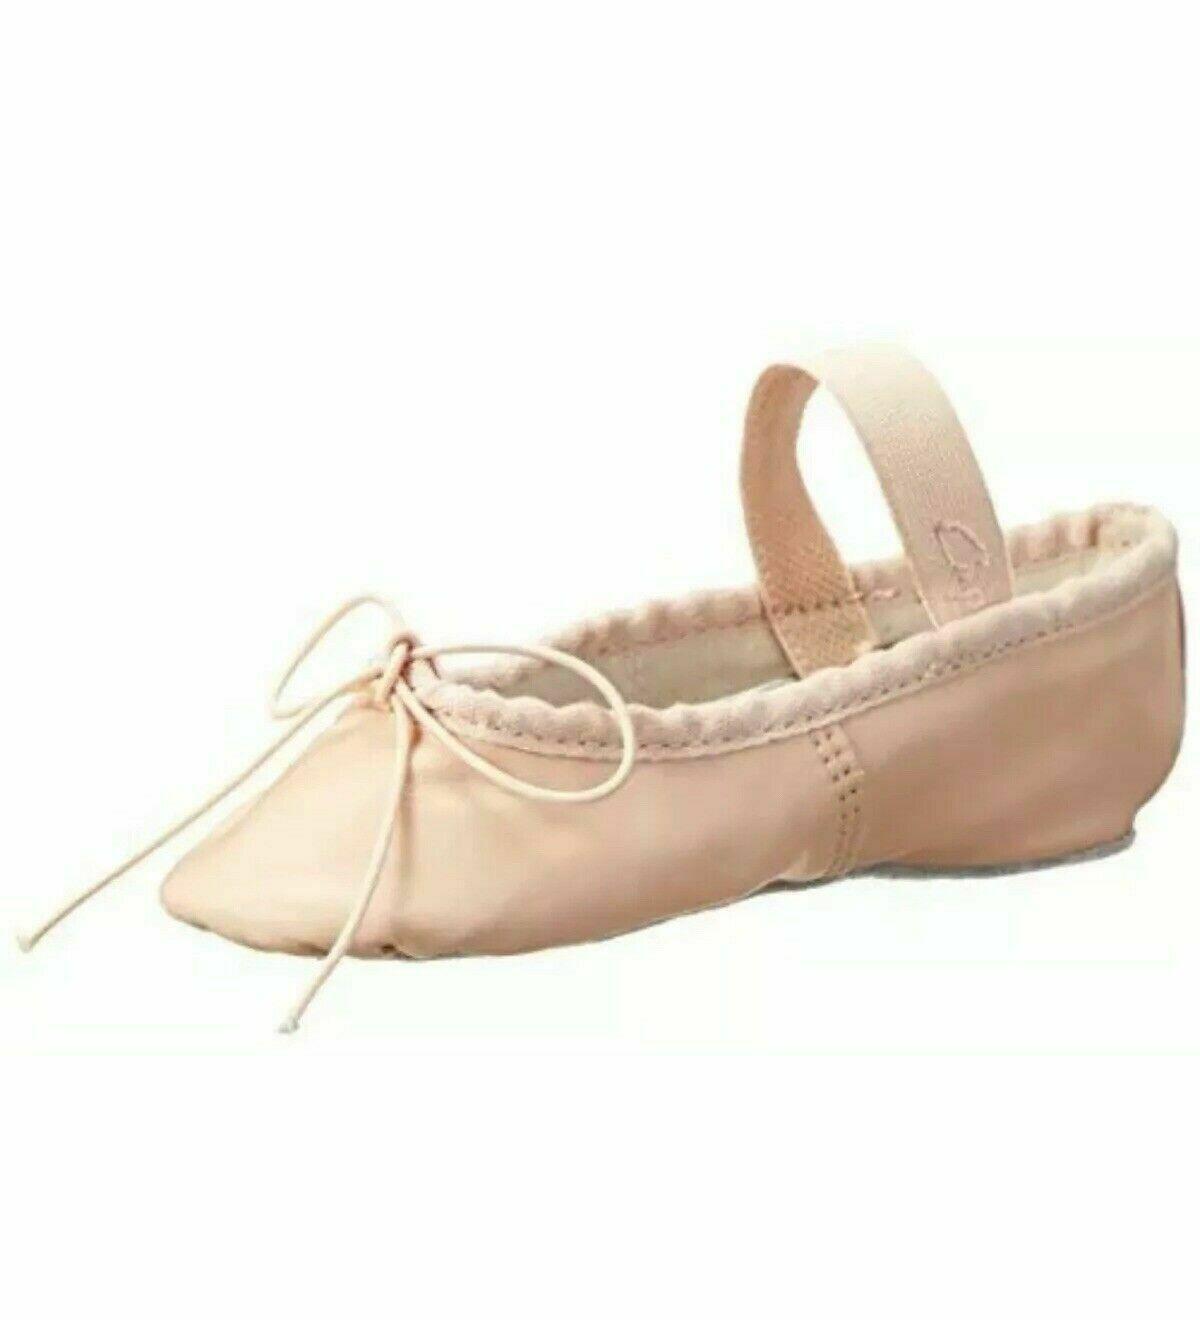 Capezio Adult Teknik 200 NPK Pink Full Sole Ballet Shoe Size 4.5D 4.5 D